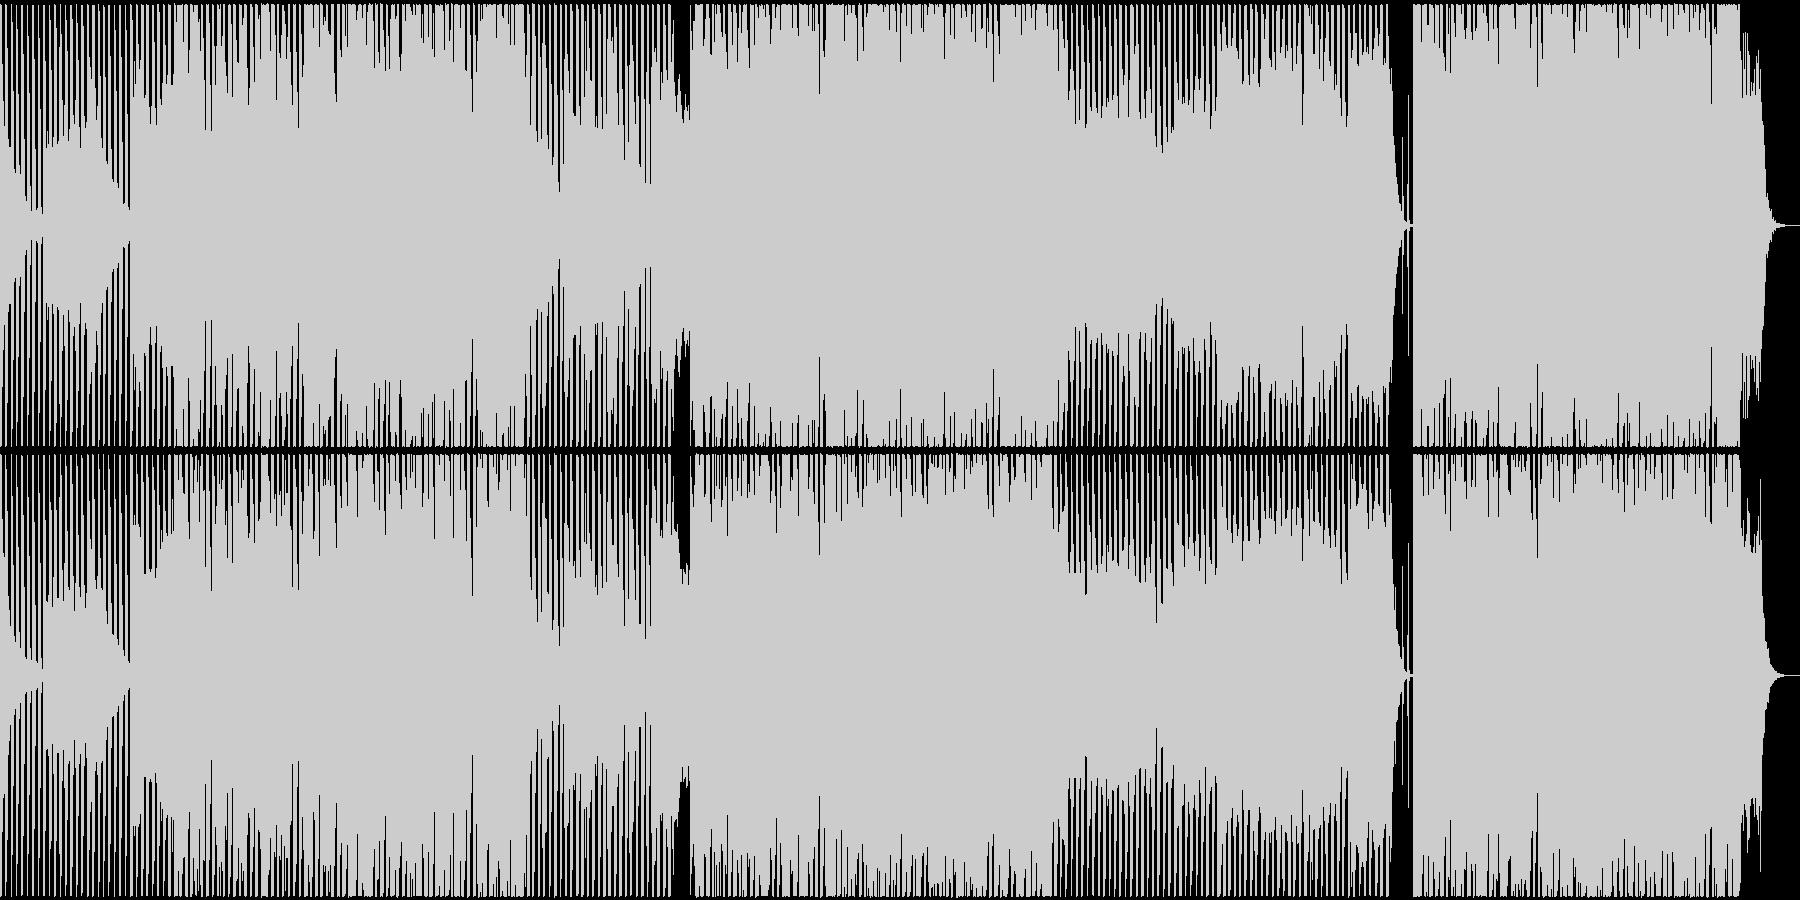 ピアノを主体にした広がりのあるBGMの未再生の波形